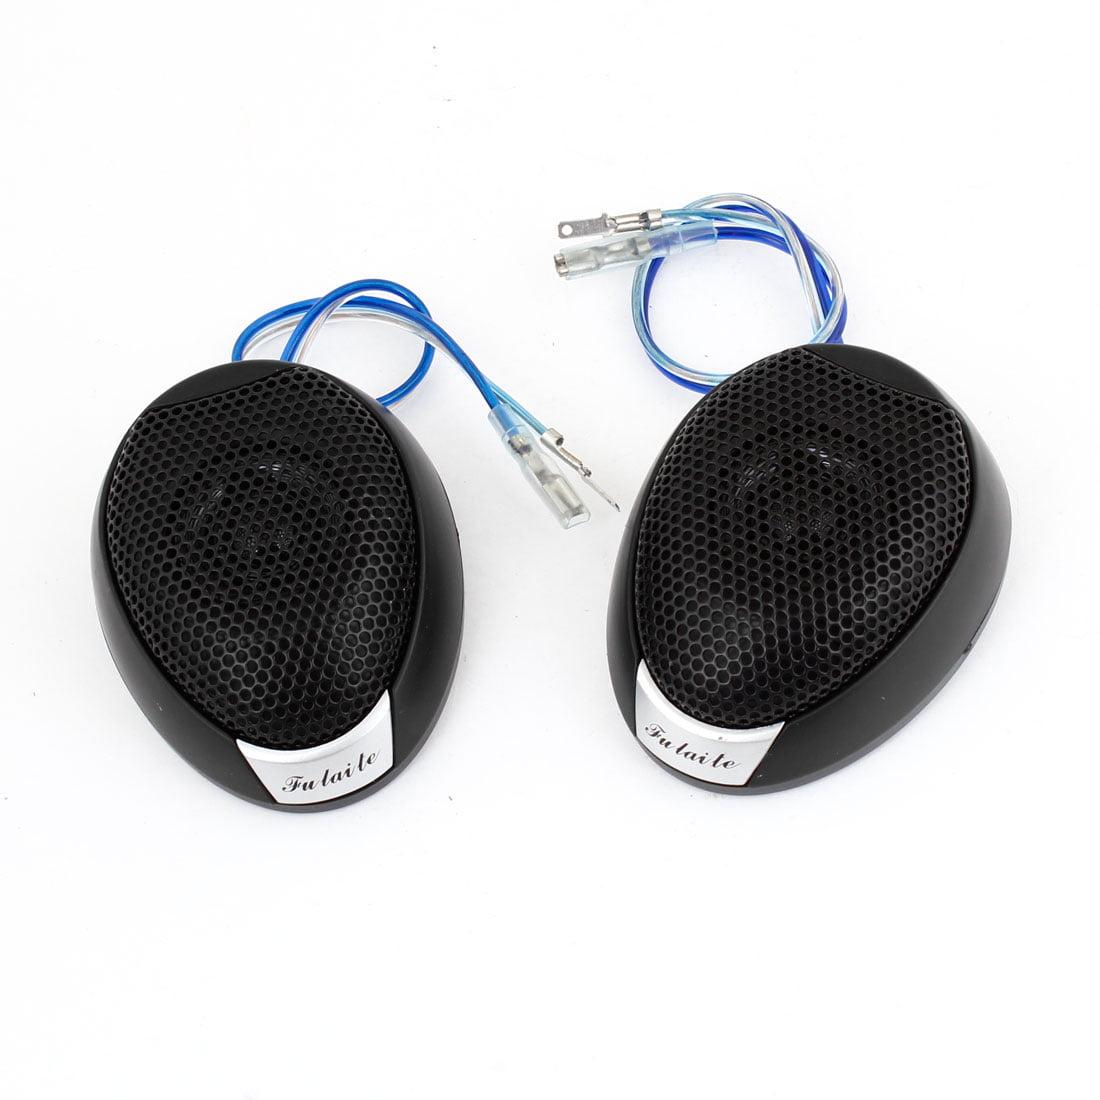 2 Pcs Flush Mount Metal Car Speaker Micro Dome Tweeter Black